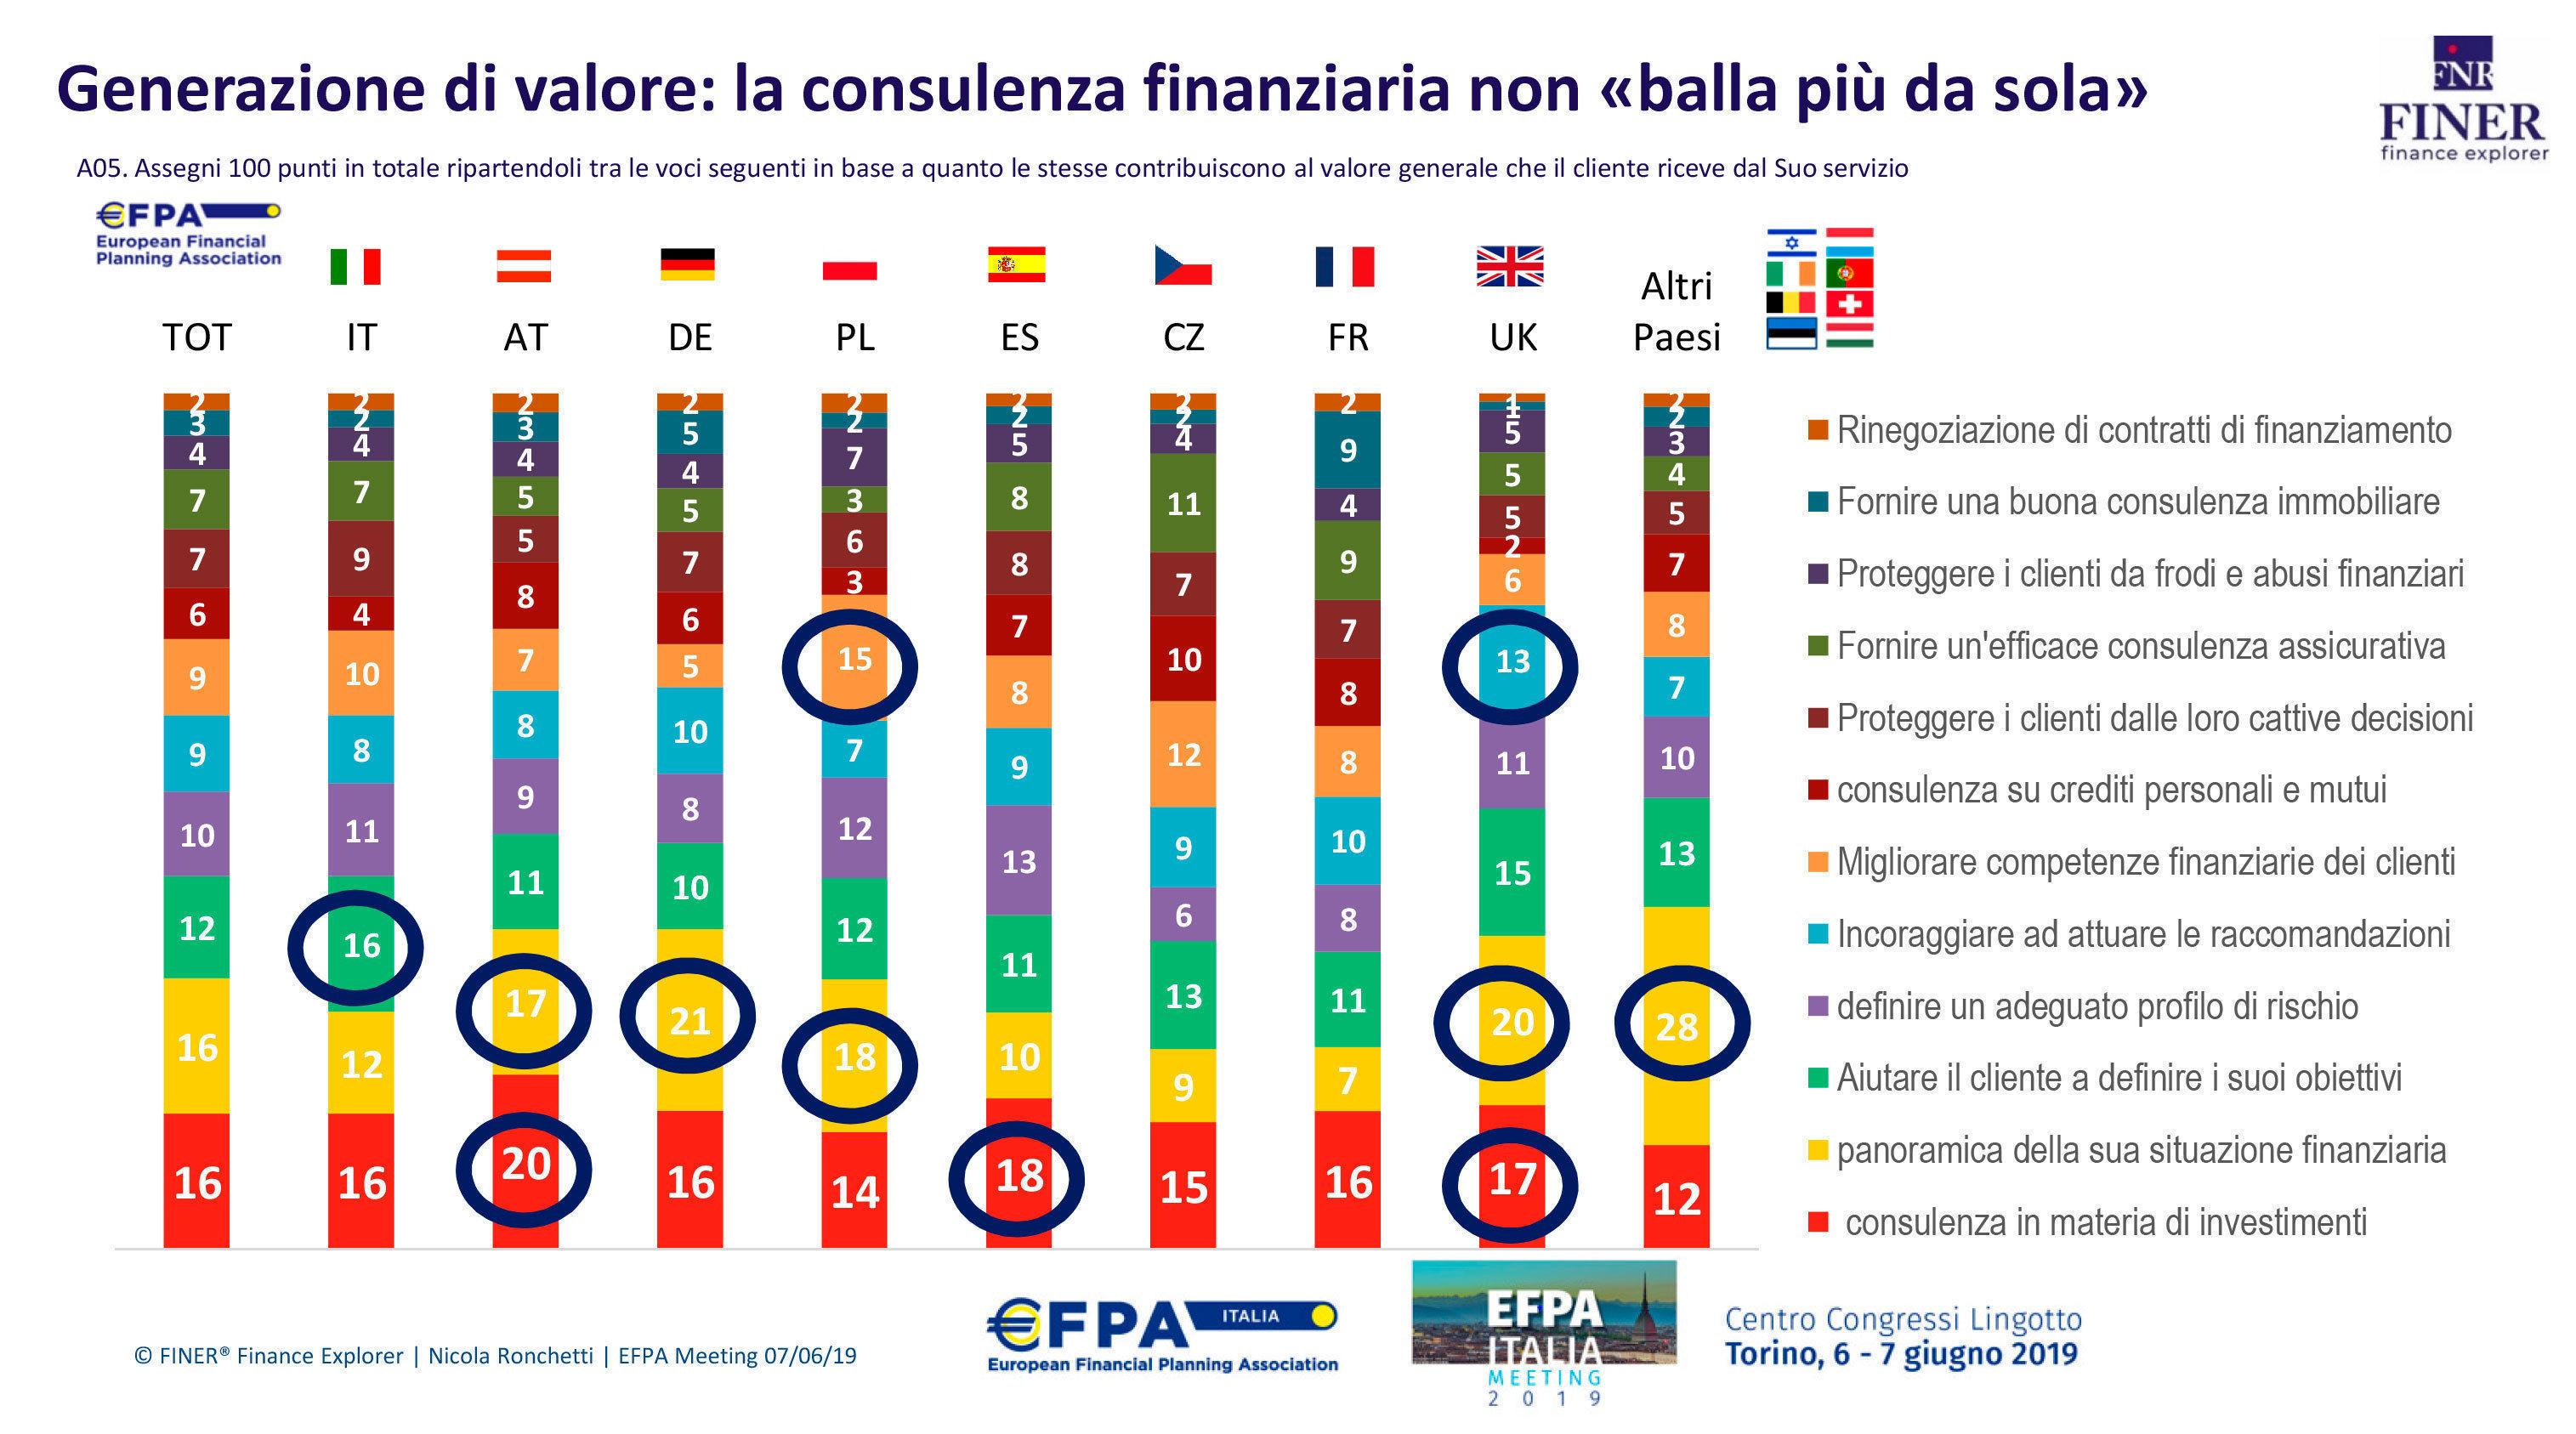 Efpa - Finer, il futuro della consulenza